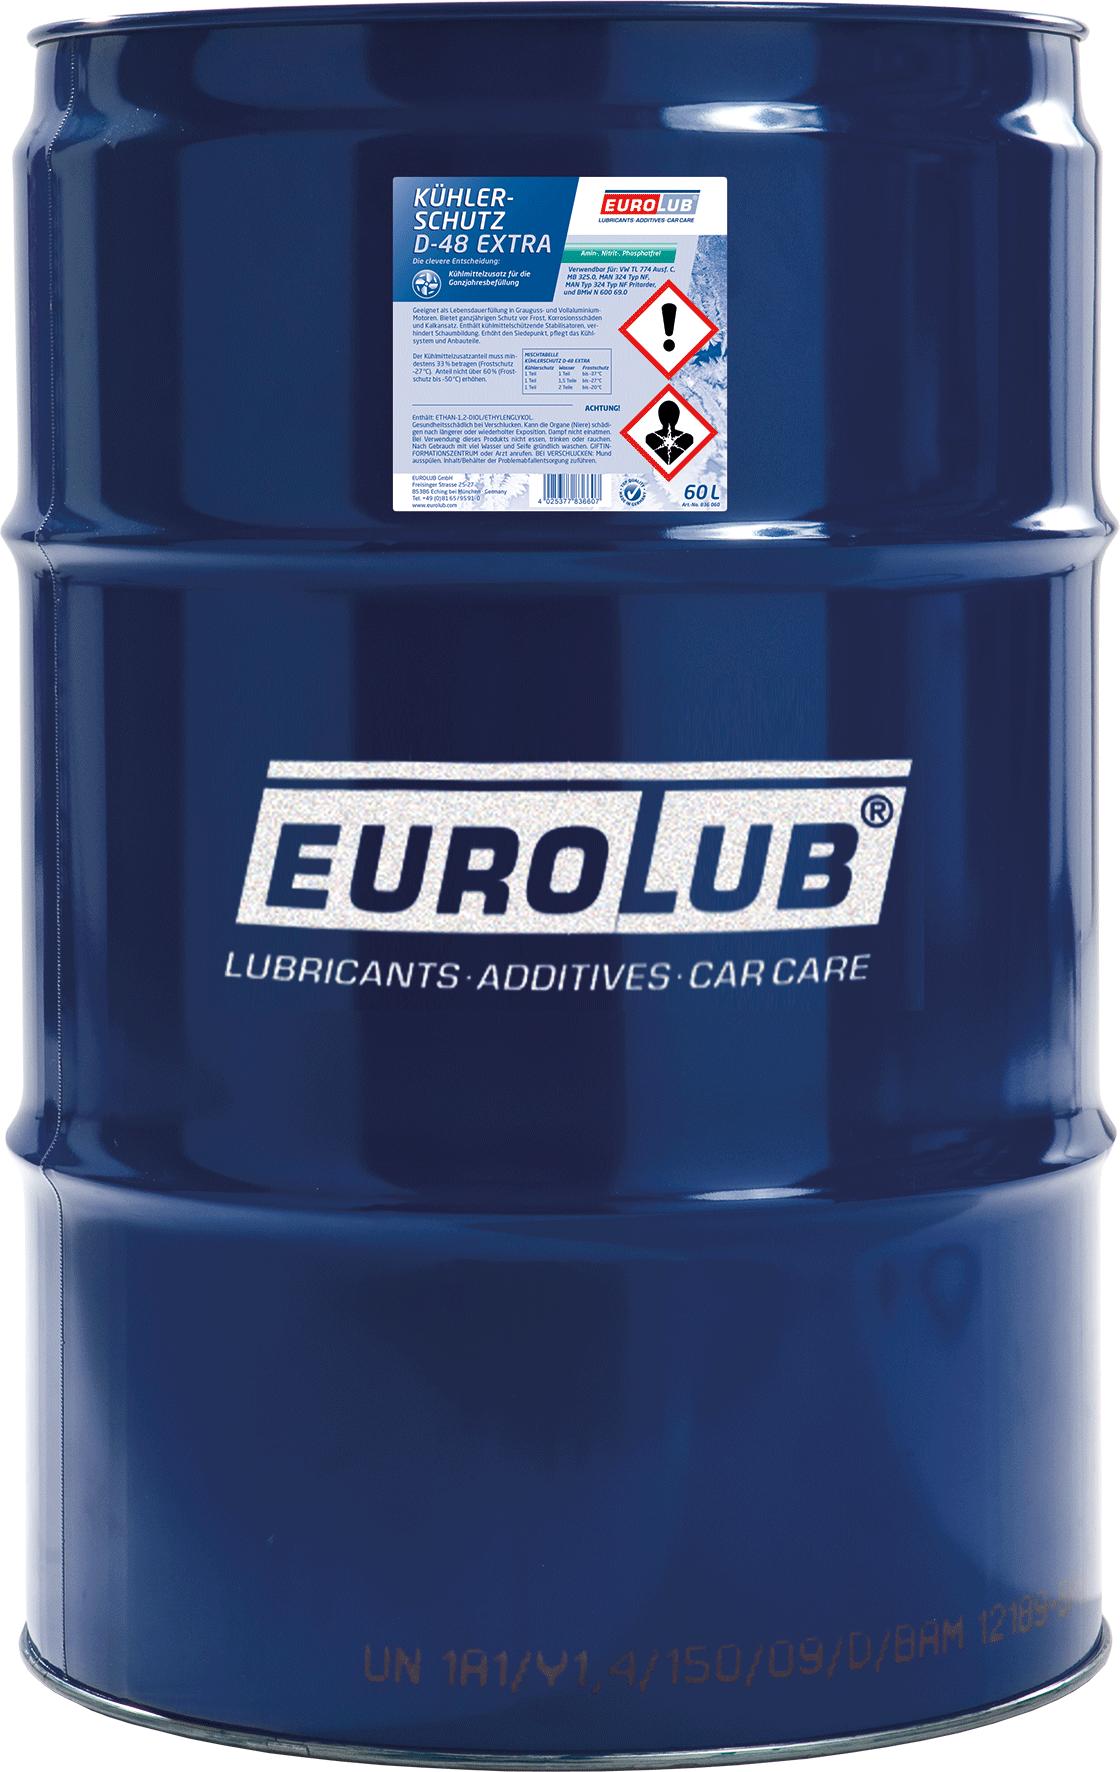 EUROLUB PROCAR Kuhlerschutz D48 Extra, 60л